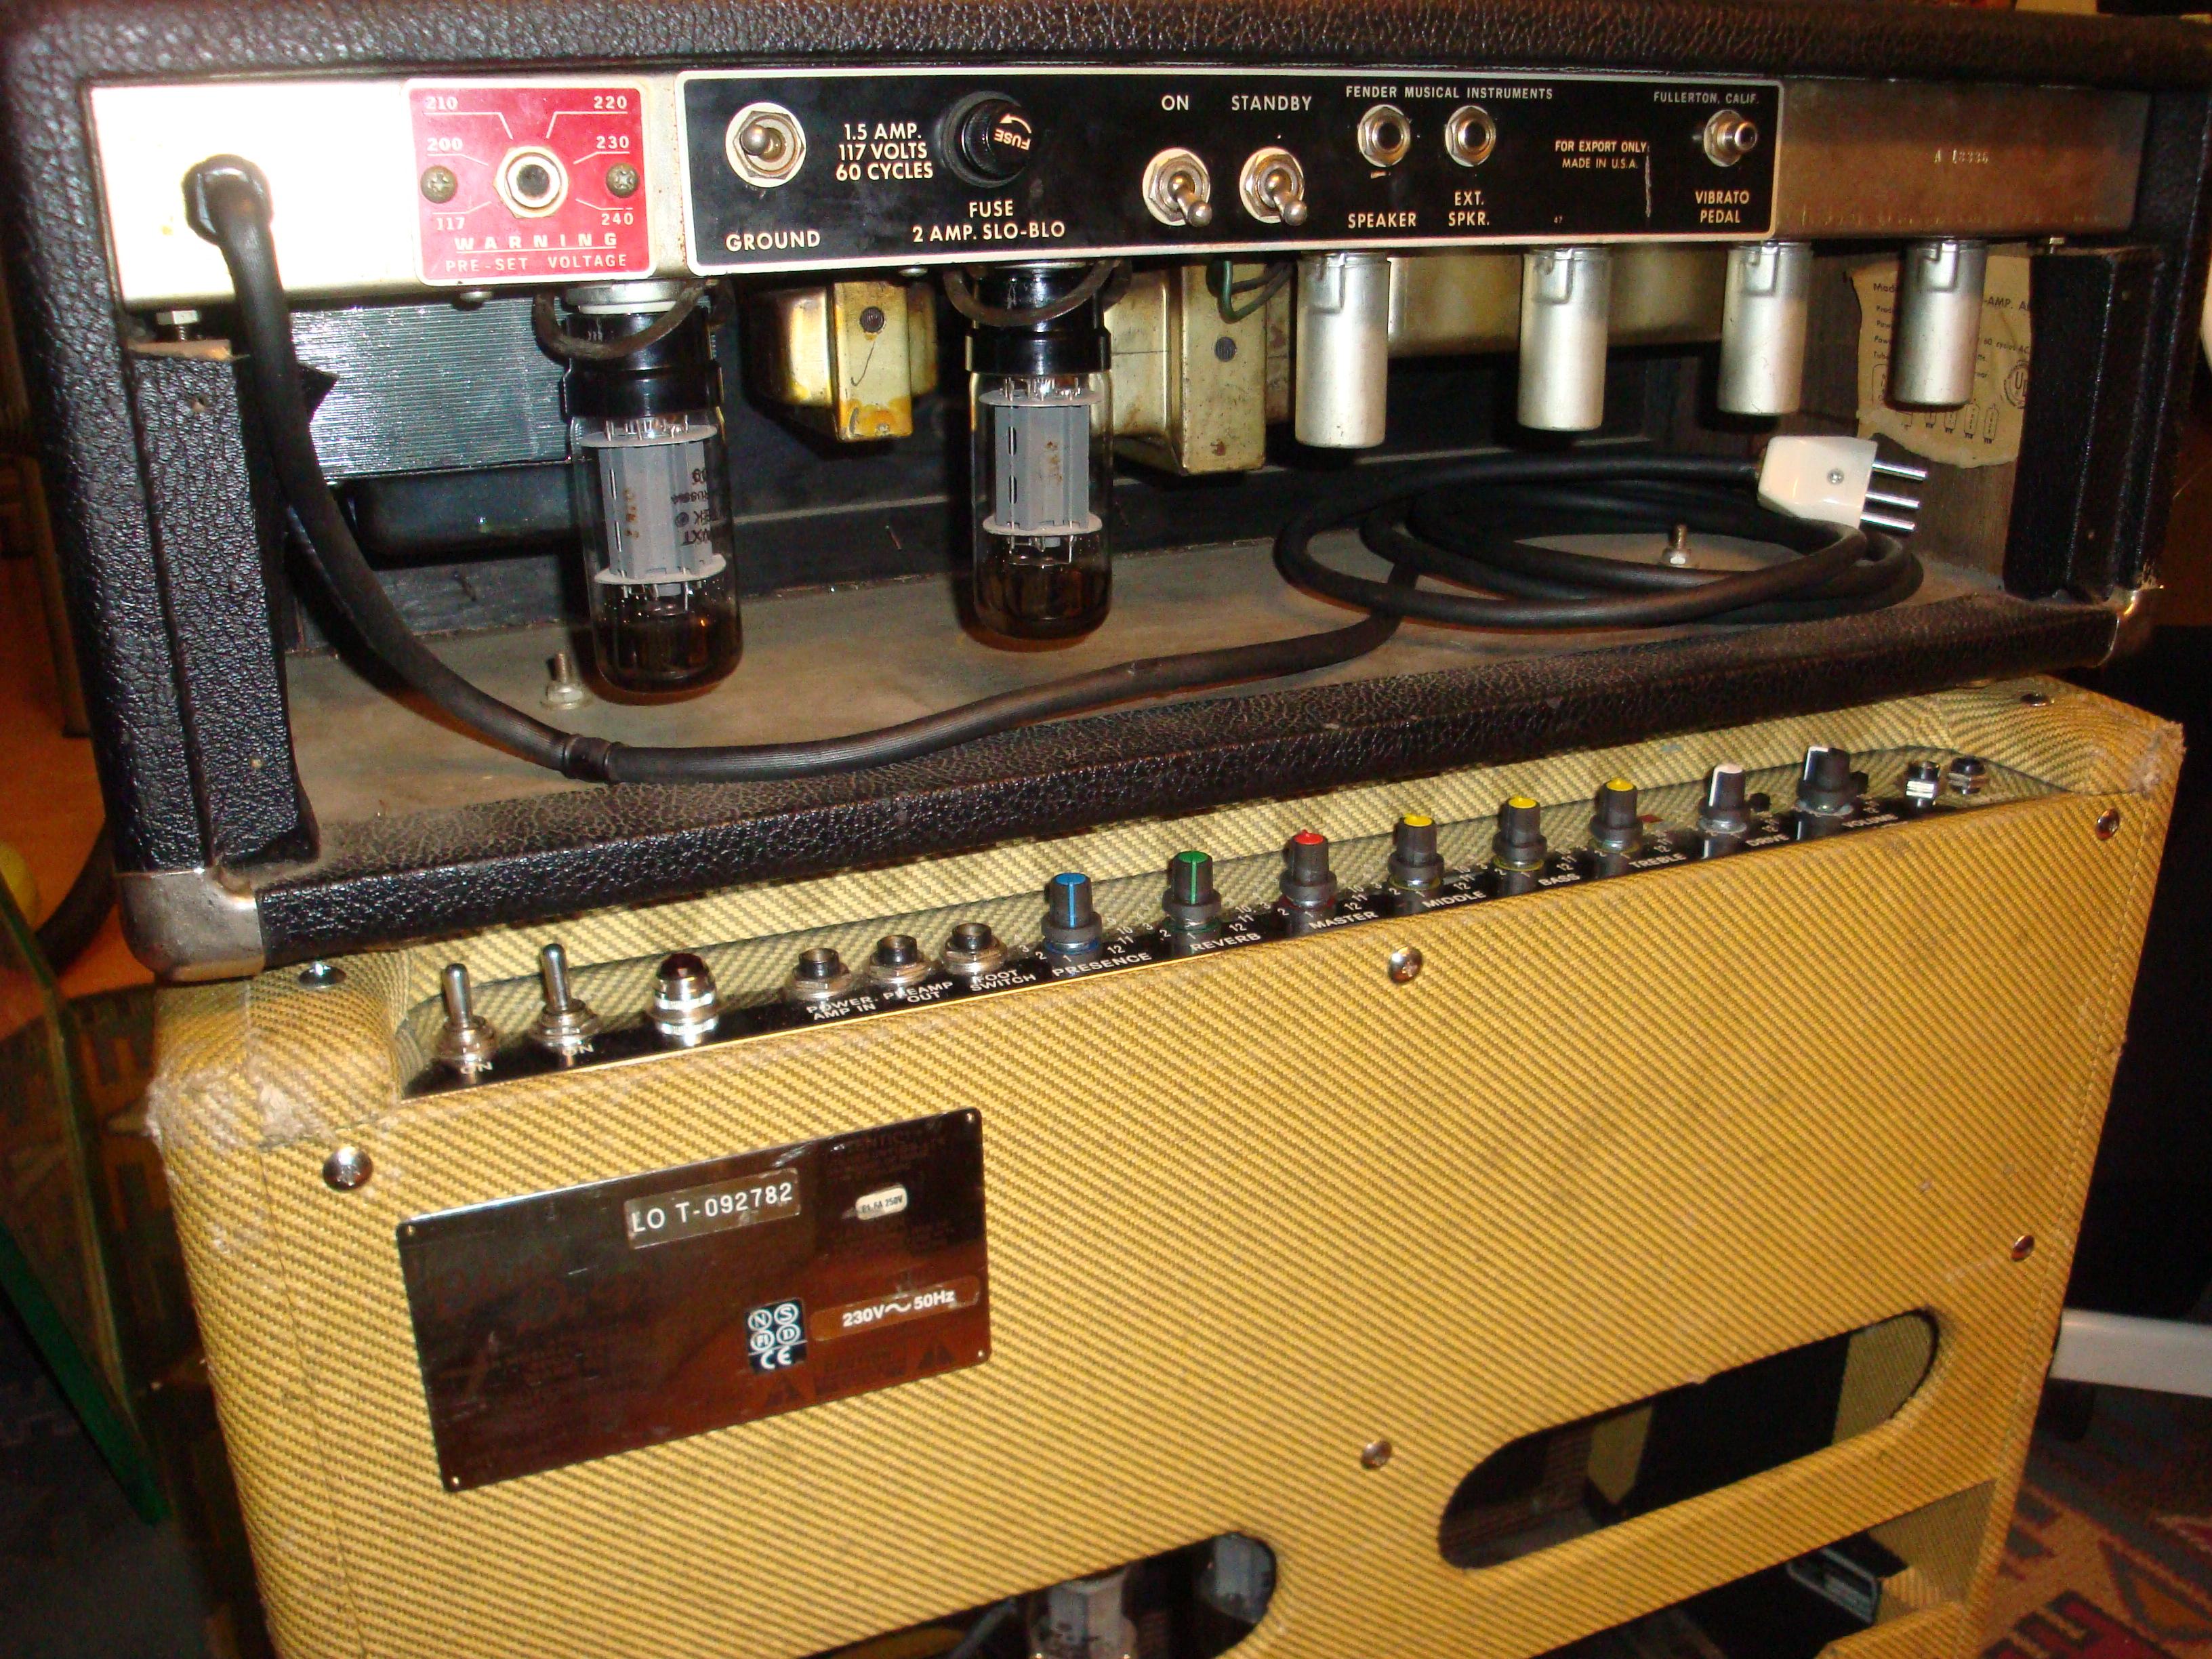 Reparation Et Modification D Amplis A Lampe Et Materiel De Son